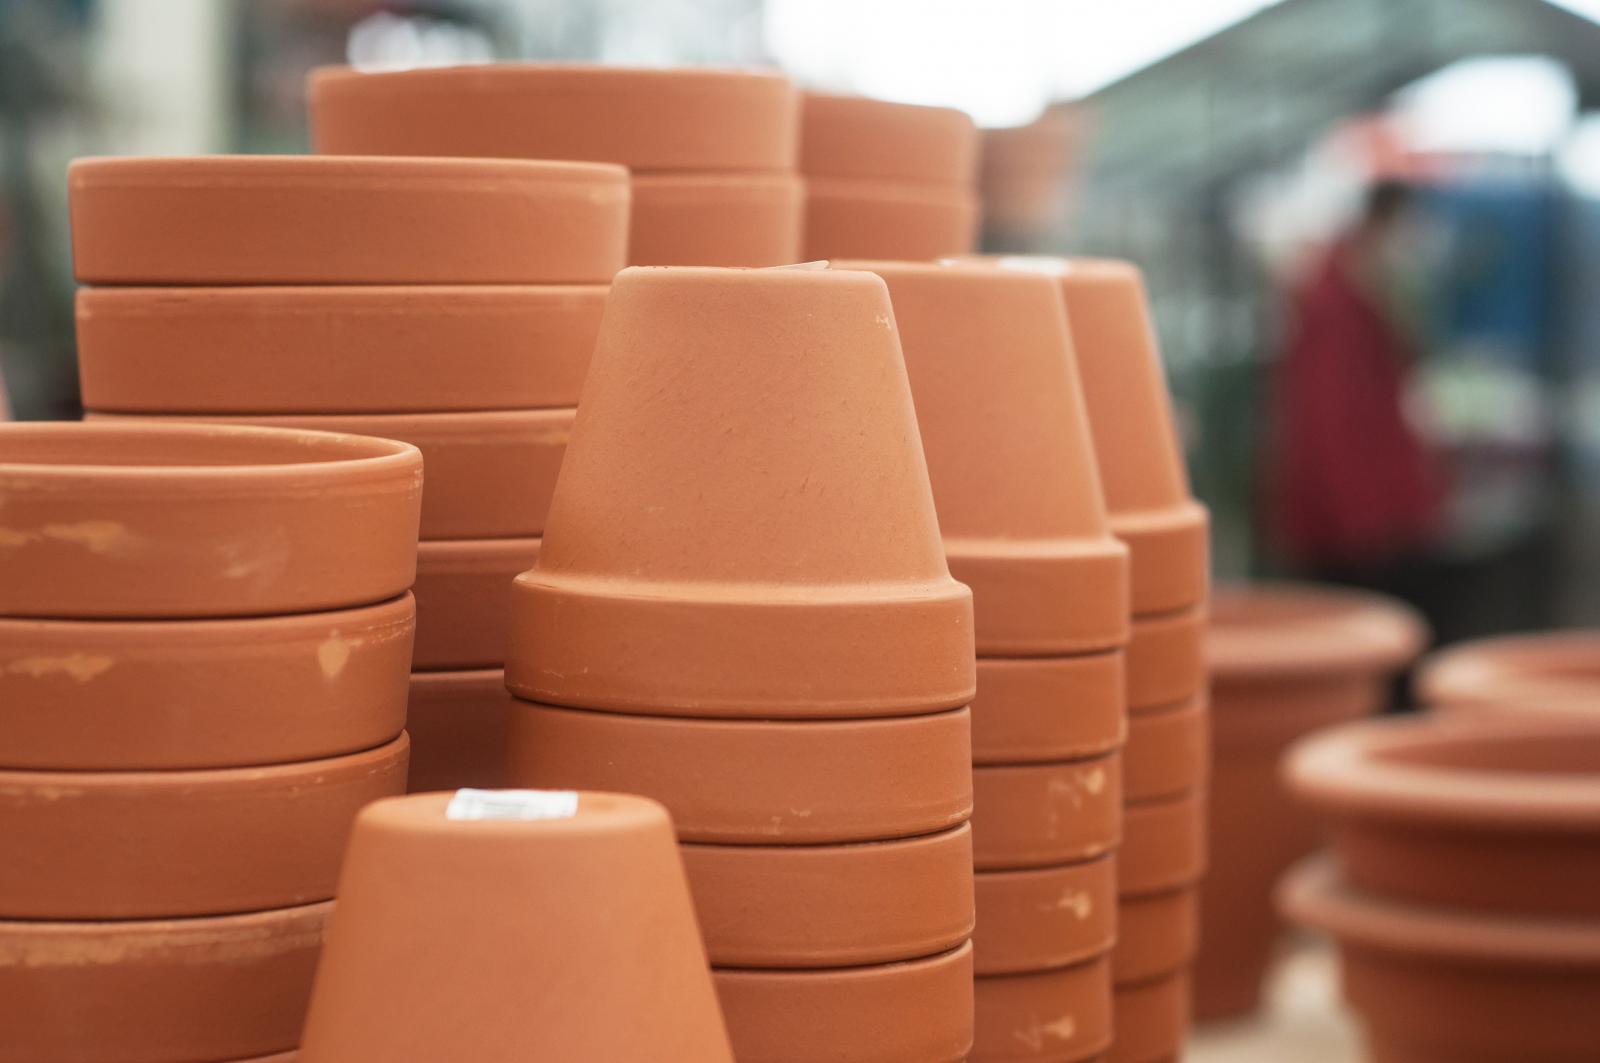 Garden pots ready for Spring